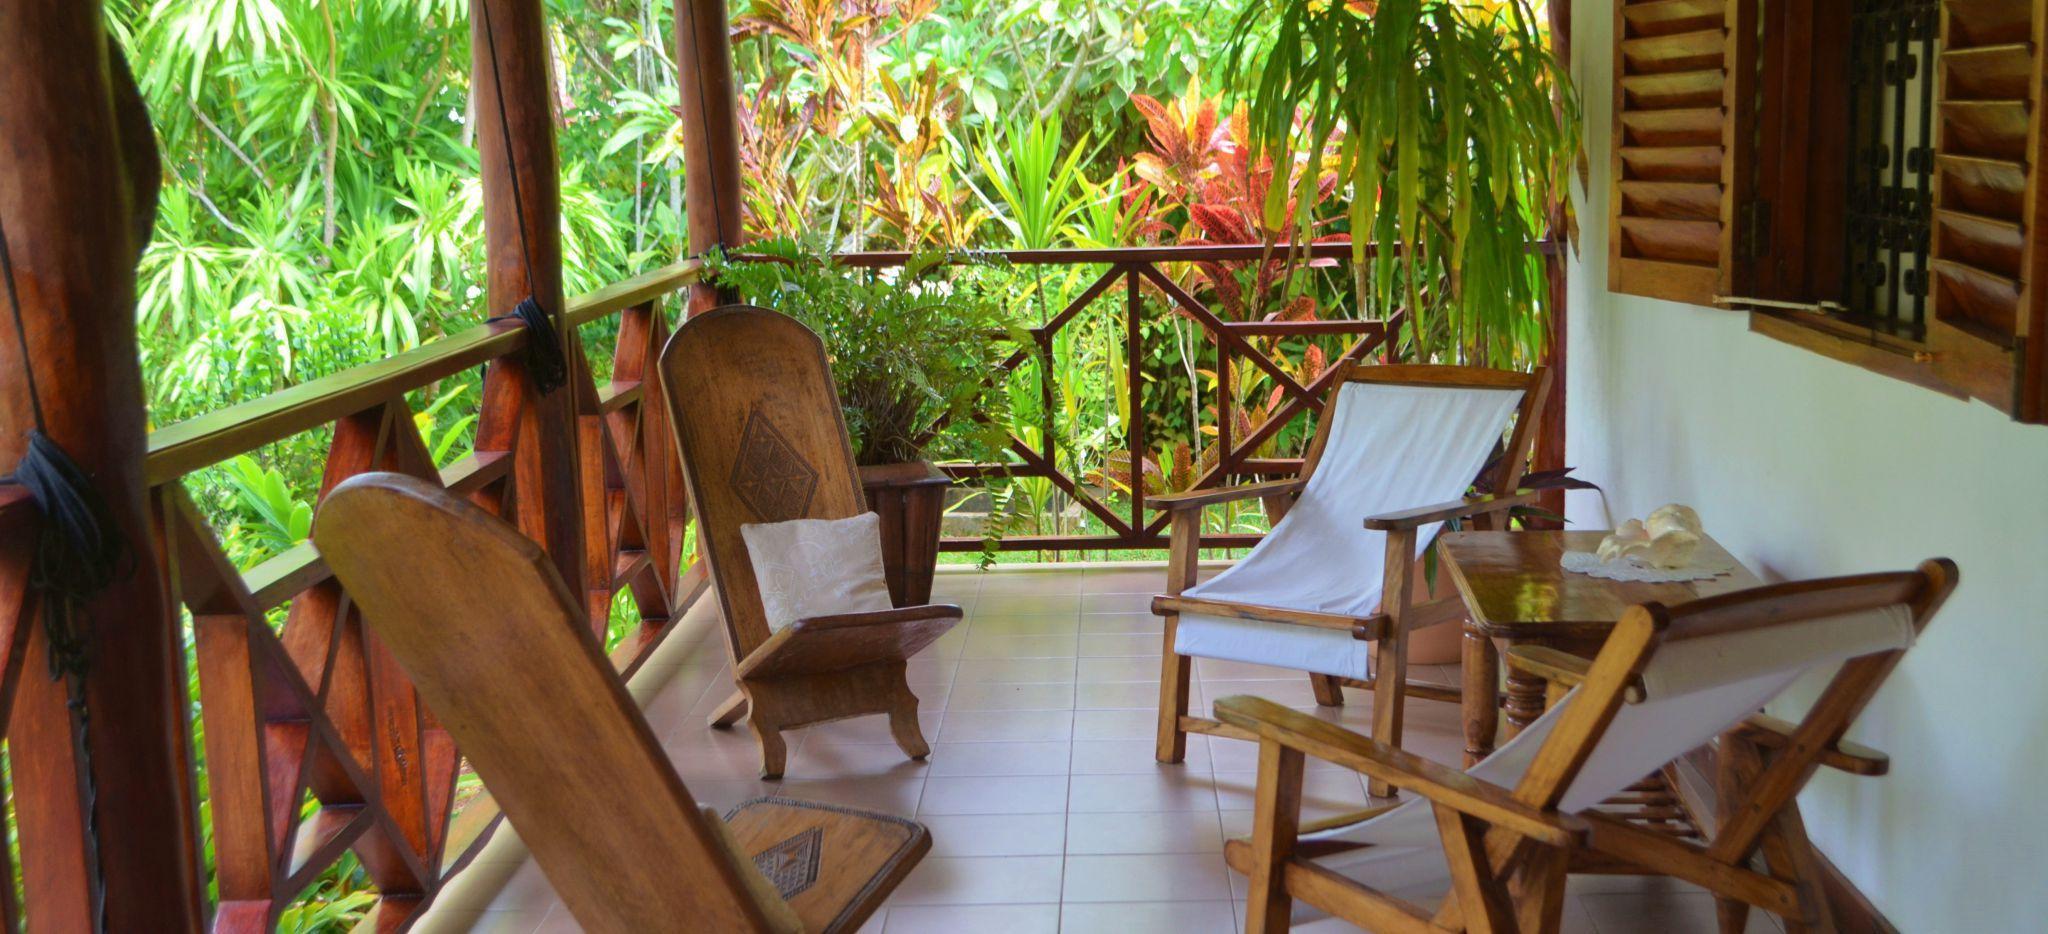 Sitzecke auf einer Kolonialen Terrasse vor einem tropischen Garten auf den Seychellen, im Gästehaus Villa Bambou